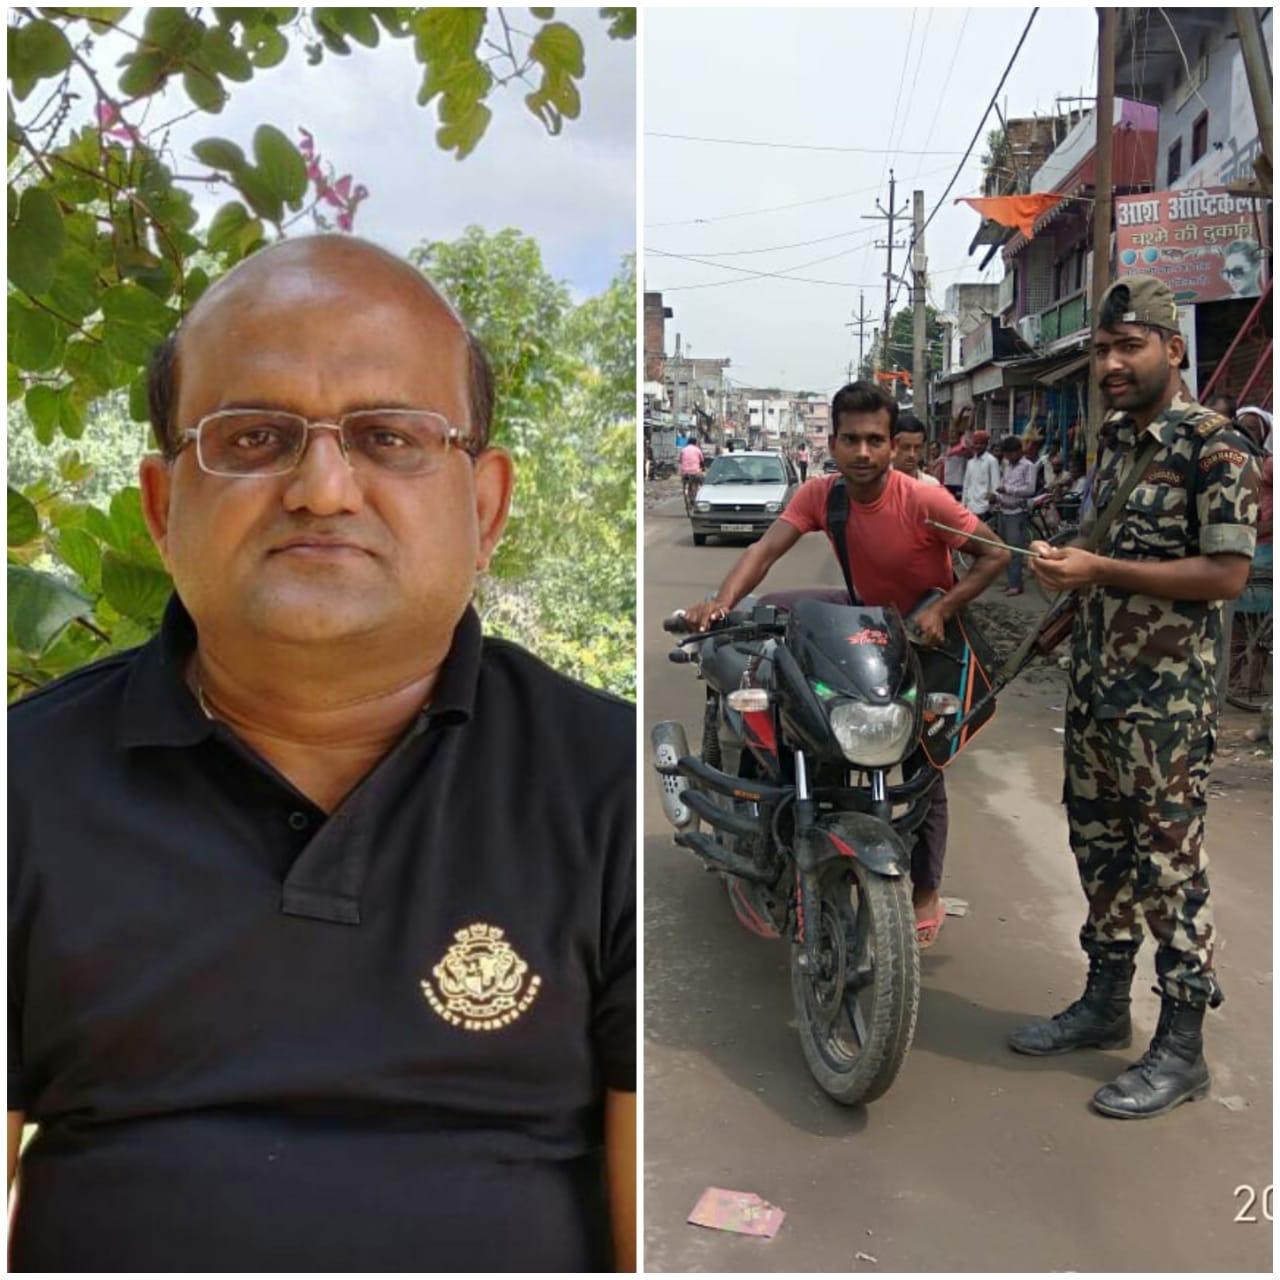 आगामी बिहार विधानसभा चुनाव के मद्देनजर जिले के सभी थानाक्षेत्रों में वाहन चेकिंग अभियान बढ़ गई है। ऐसे में वाहन चालकों को सतर्क रहने की जरूरत है :  मनीष सराफ।